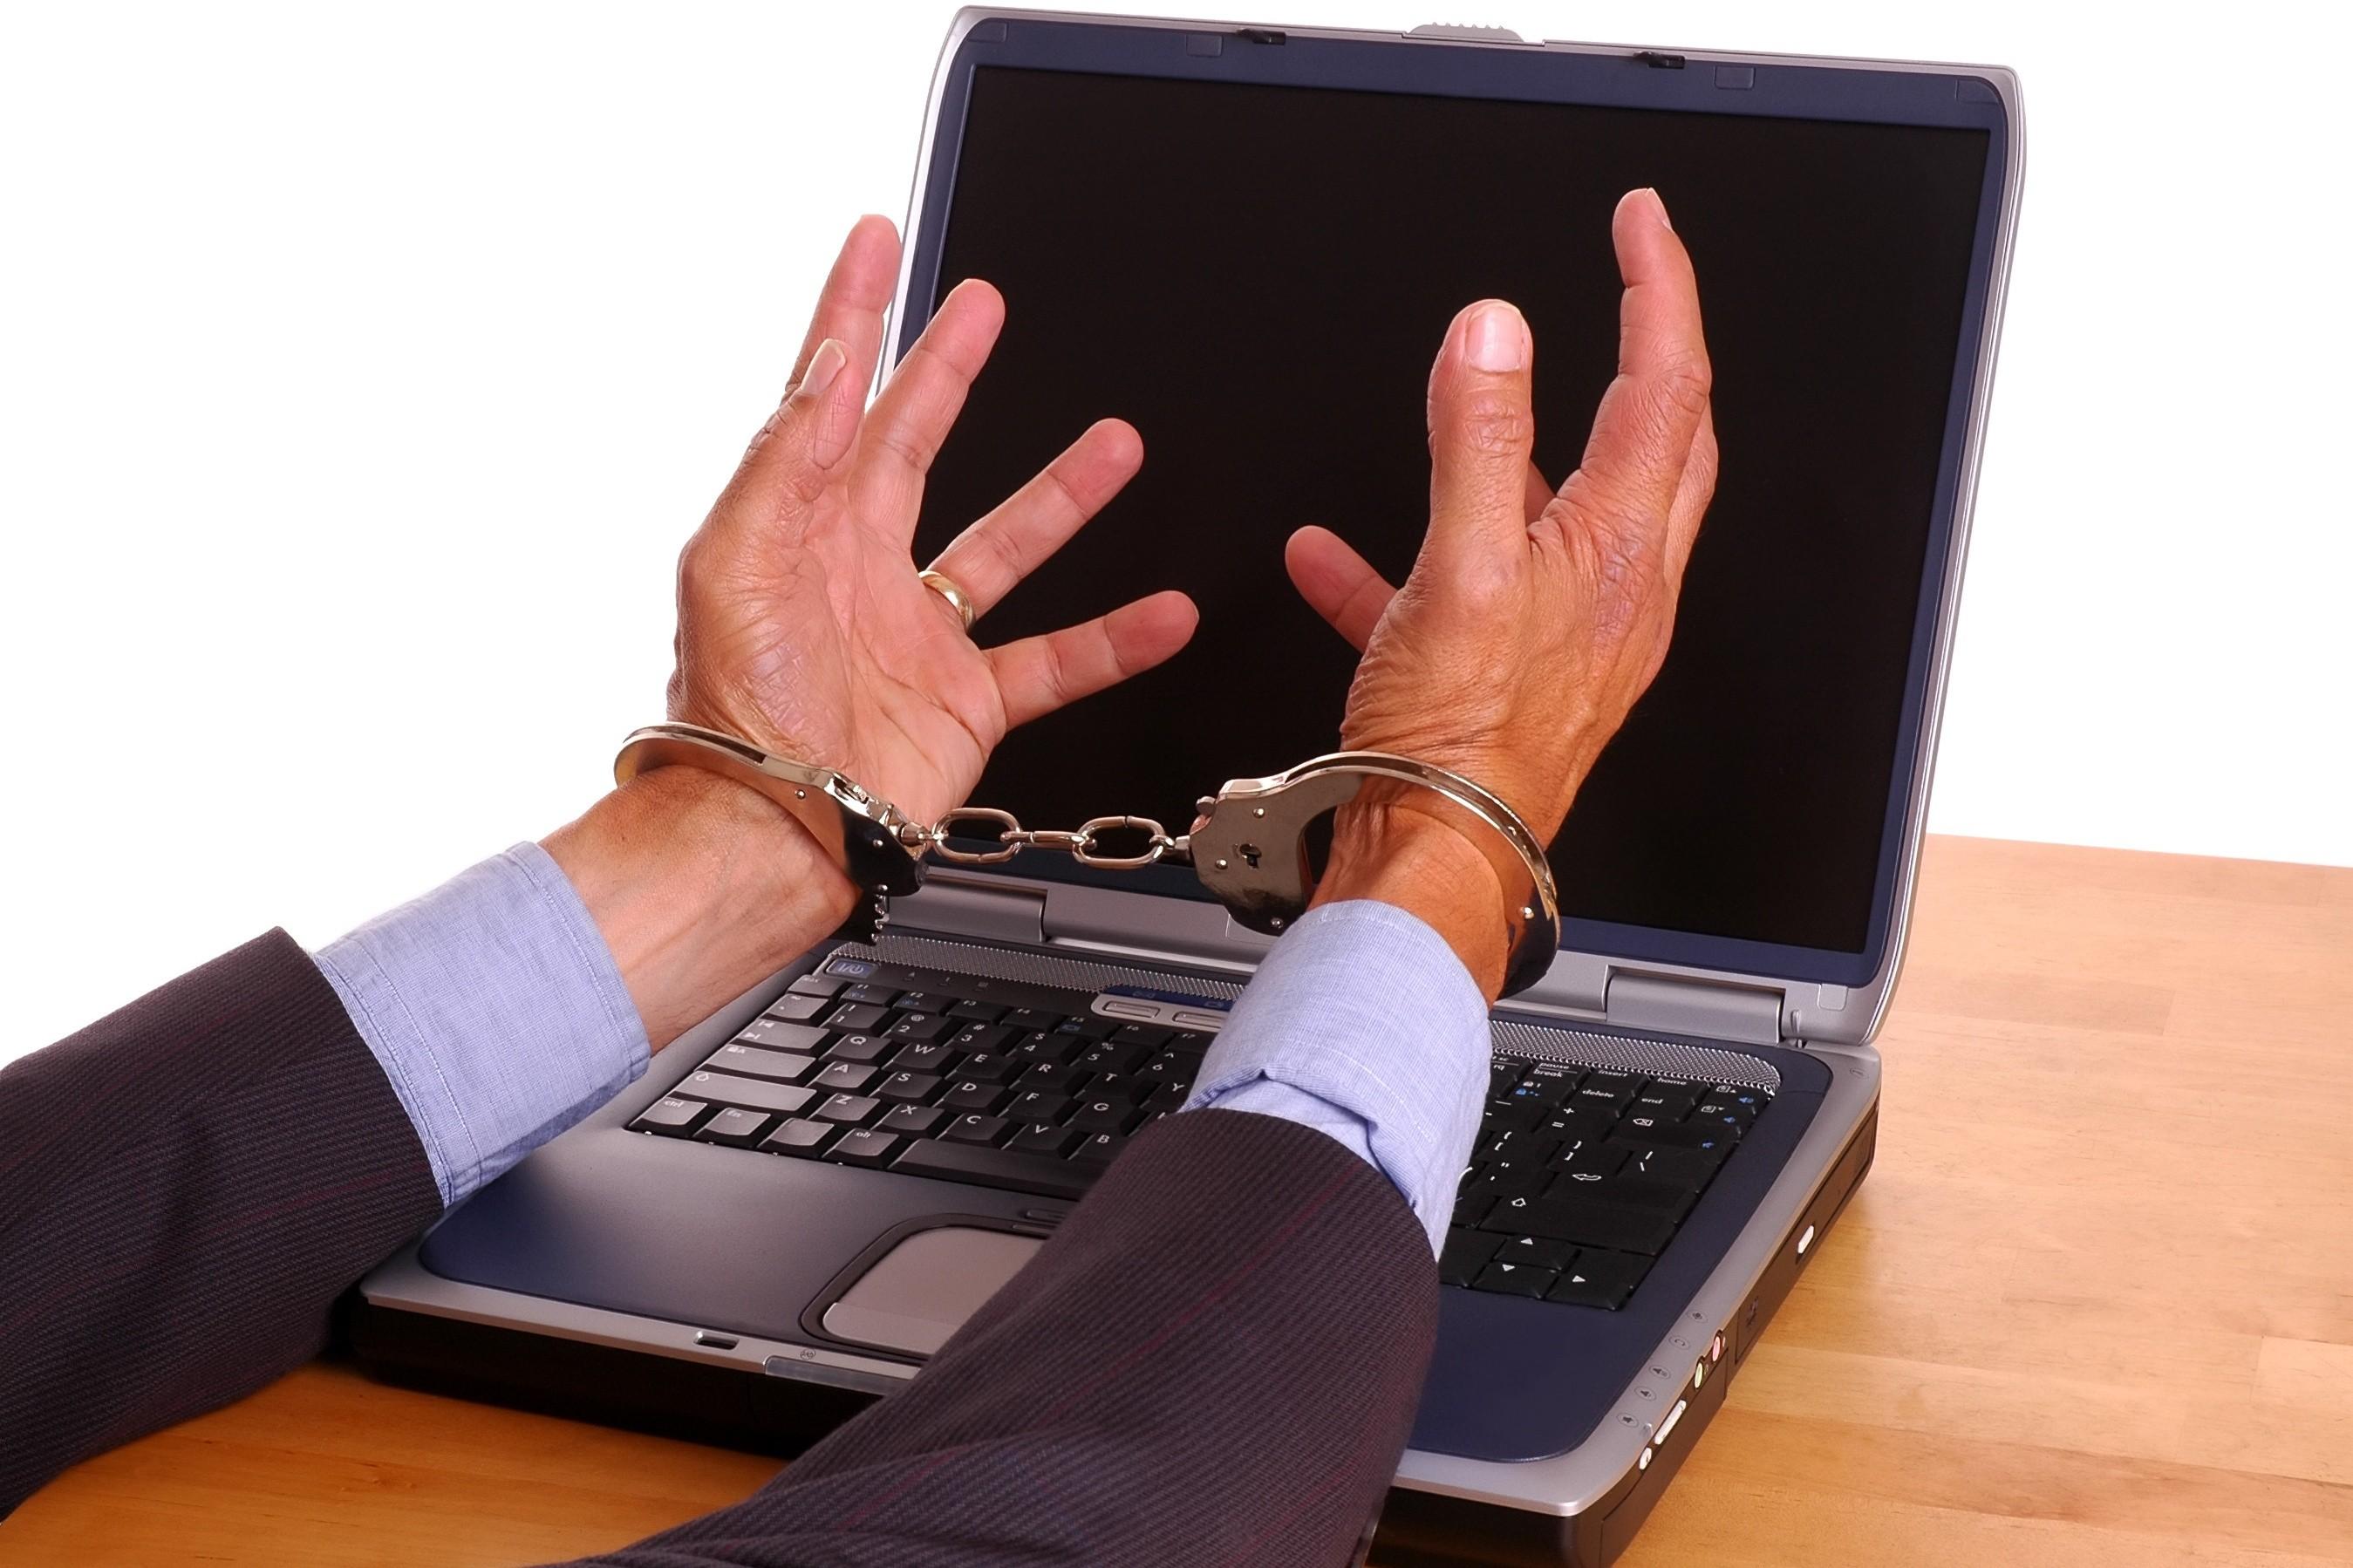 место преступления при мошенничестве в интернете все же